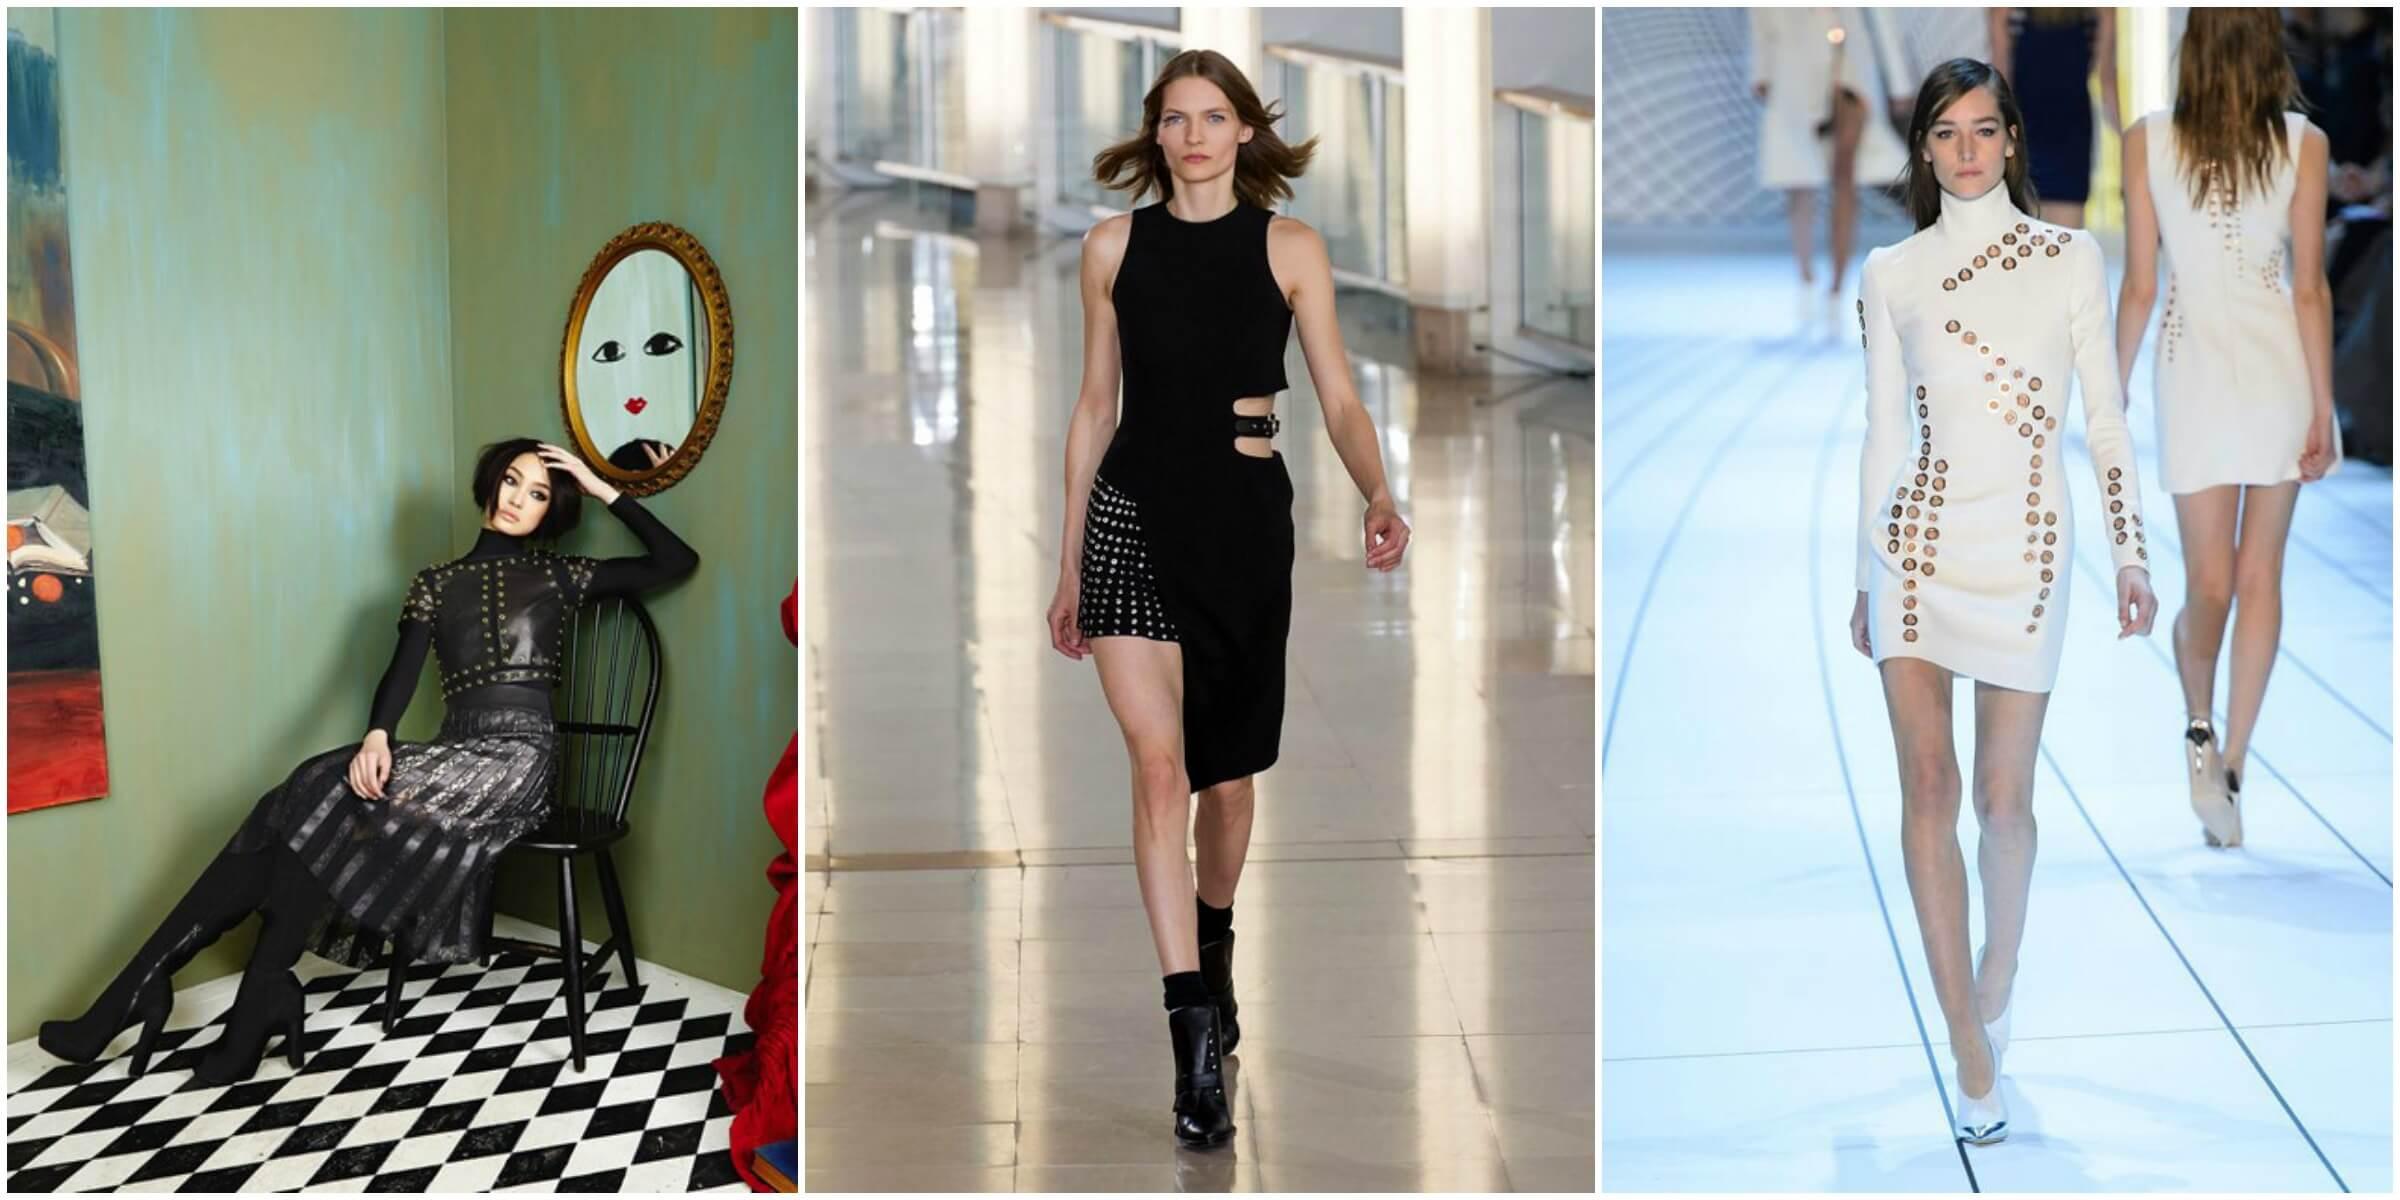 Alice + Olivia FW16 via Vogue; Anthony Vaccarello FW16 via Vogue; Mugler via Beauty BG Fashion